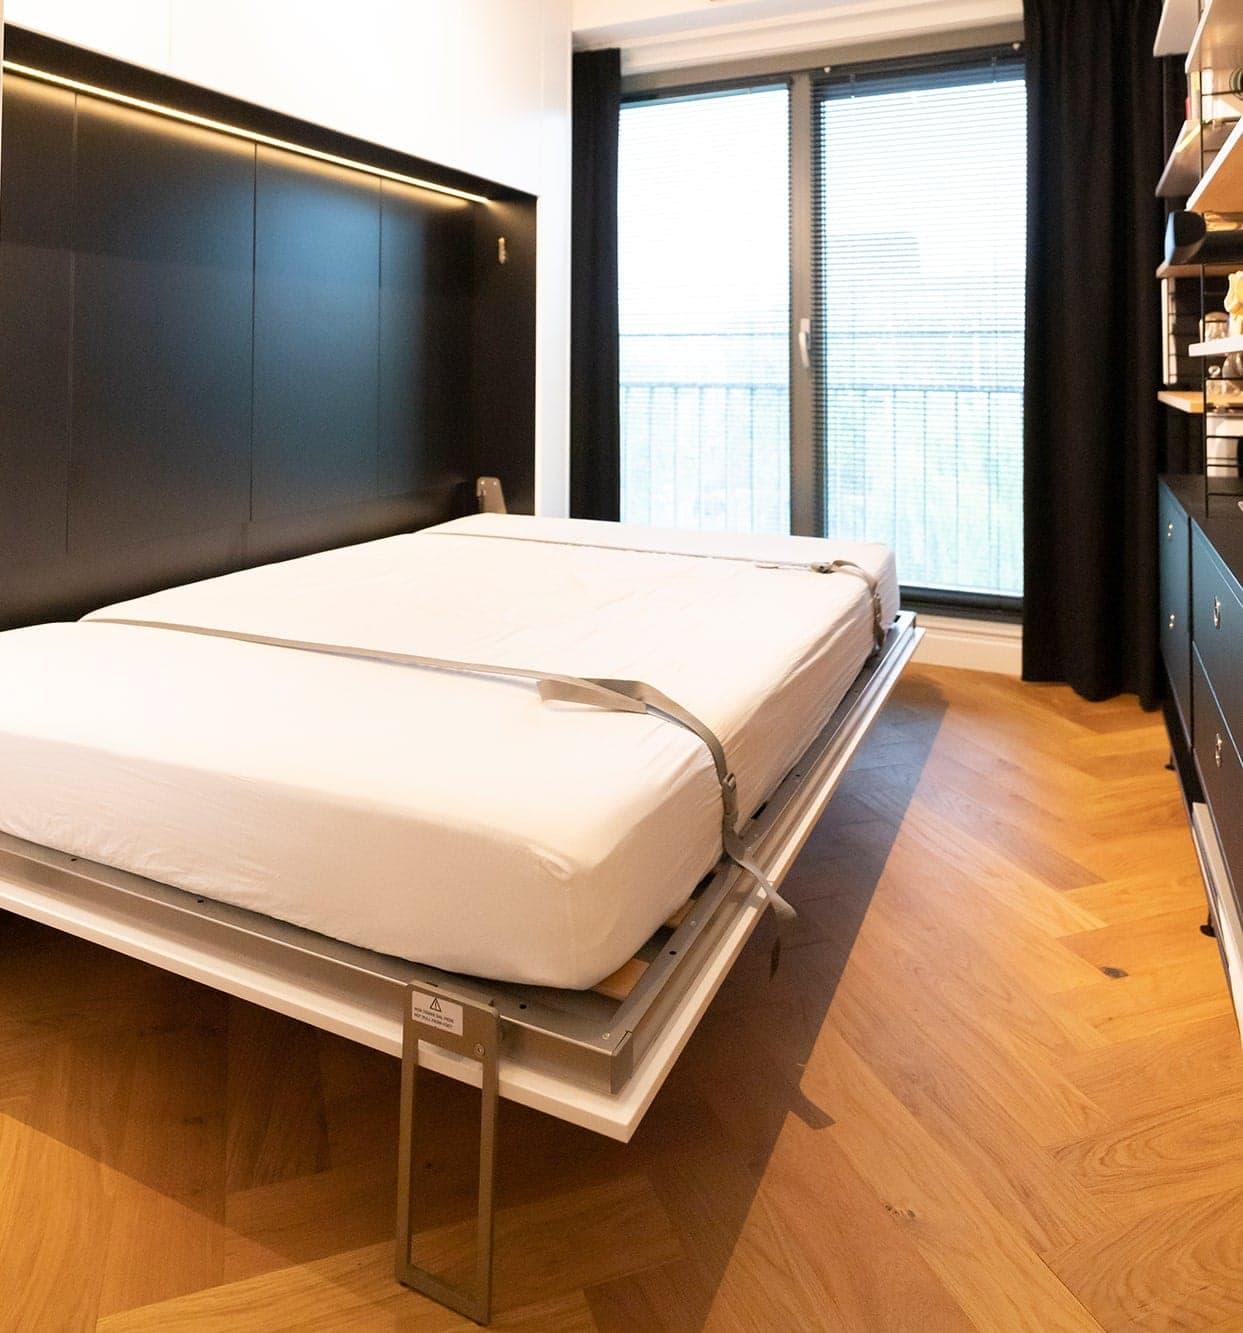 Interieurbouwer Dordrecht Hebben Een Inklapbaar Bed Gemaakt Voor Een Logeerkamer